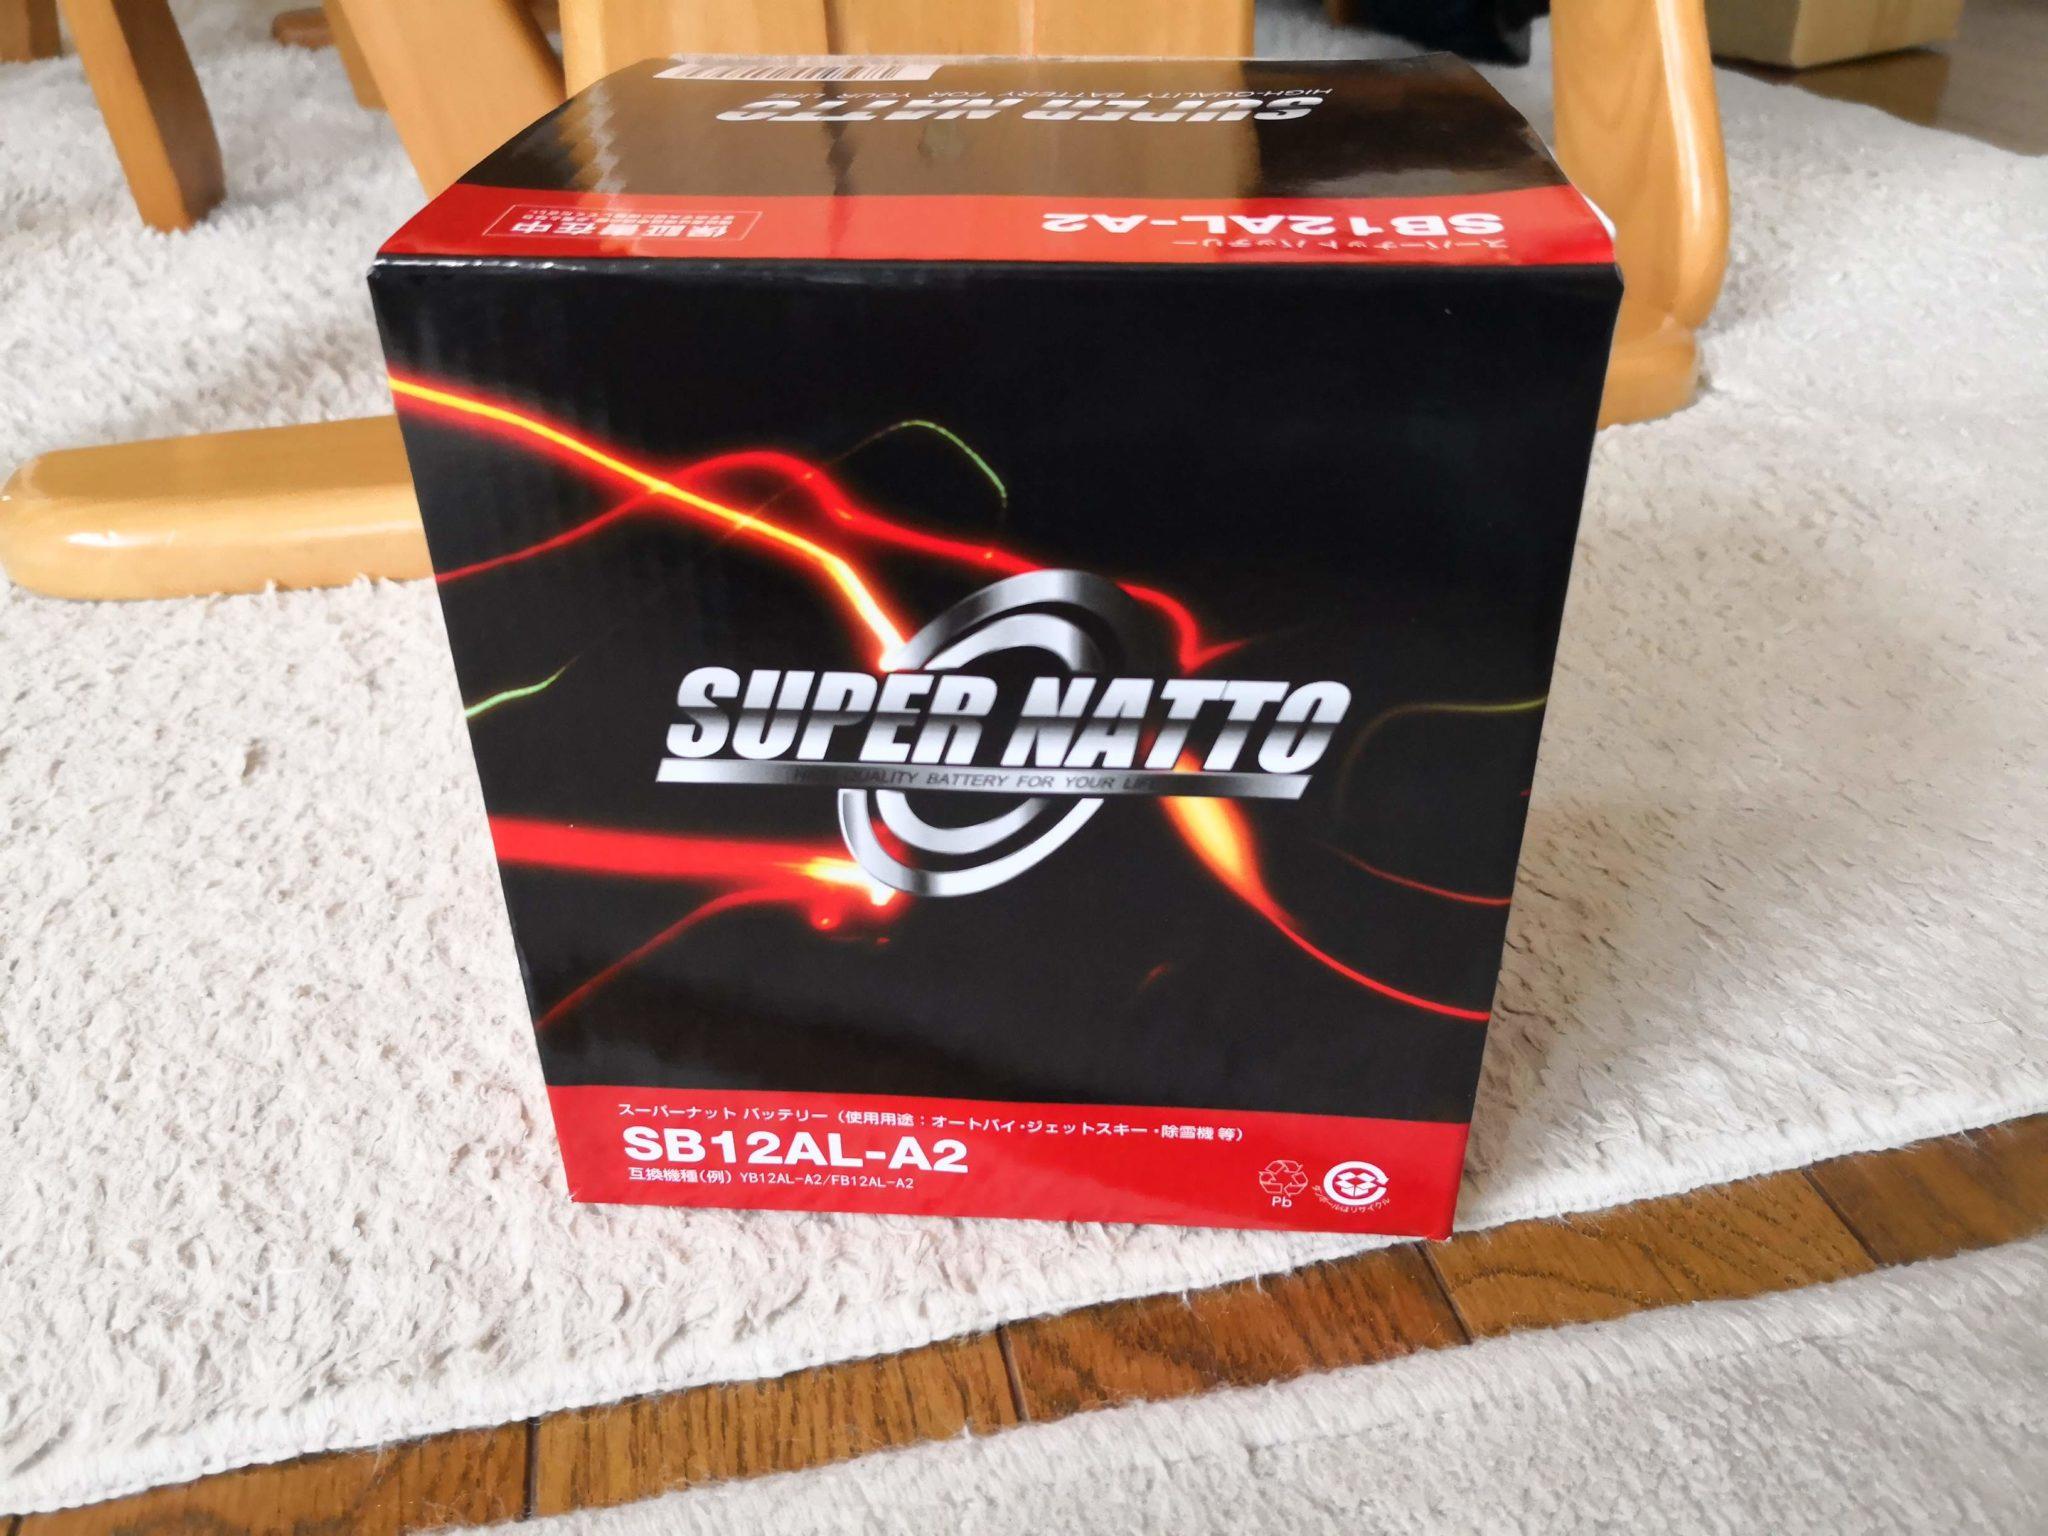 SUPER NATTO SB12AL-A2